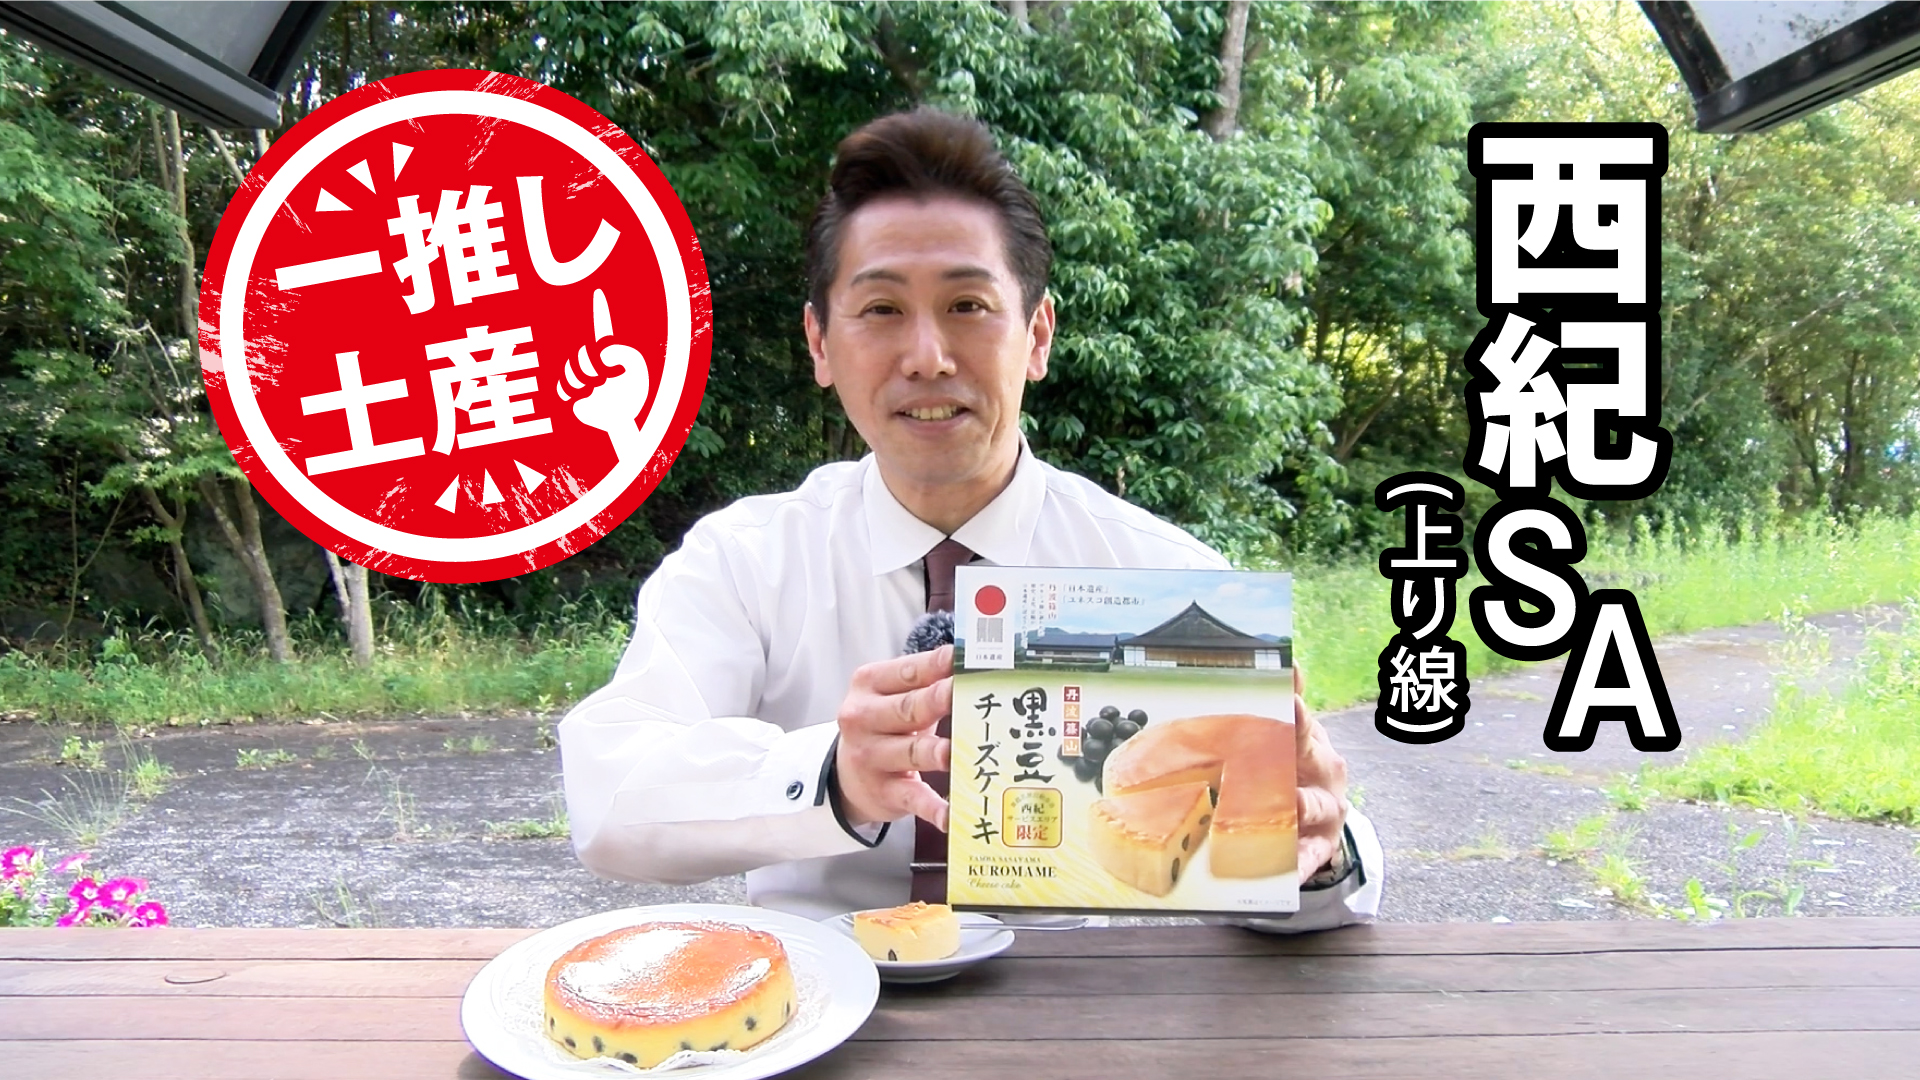 【西紀SA(上り線)】一推し土産!/黒豆チーズケーキ